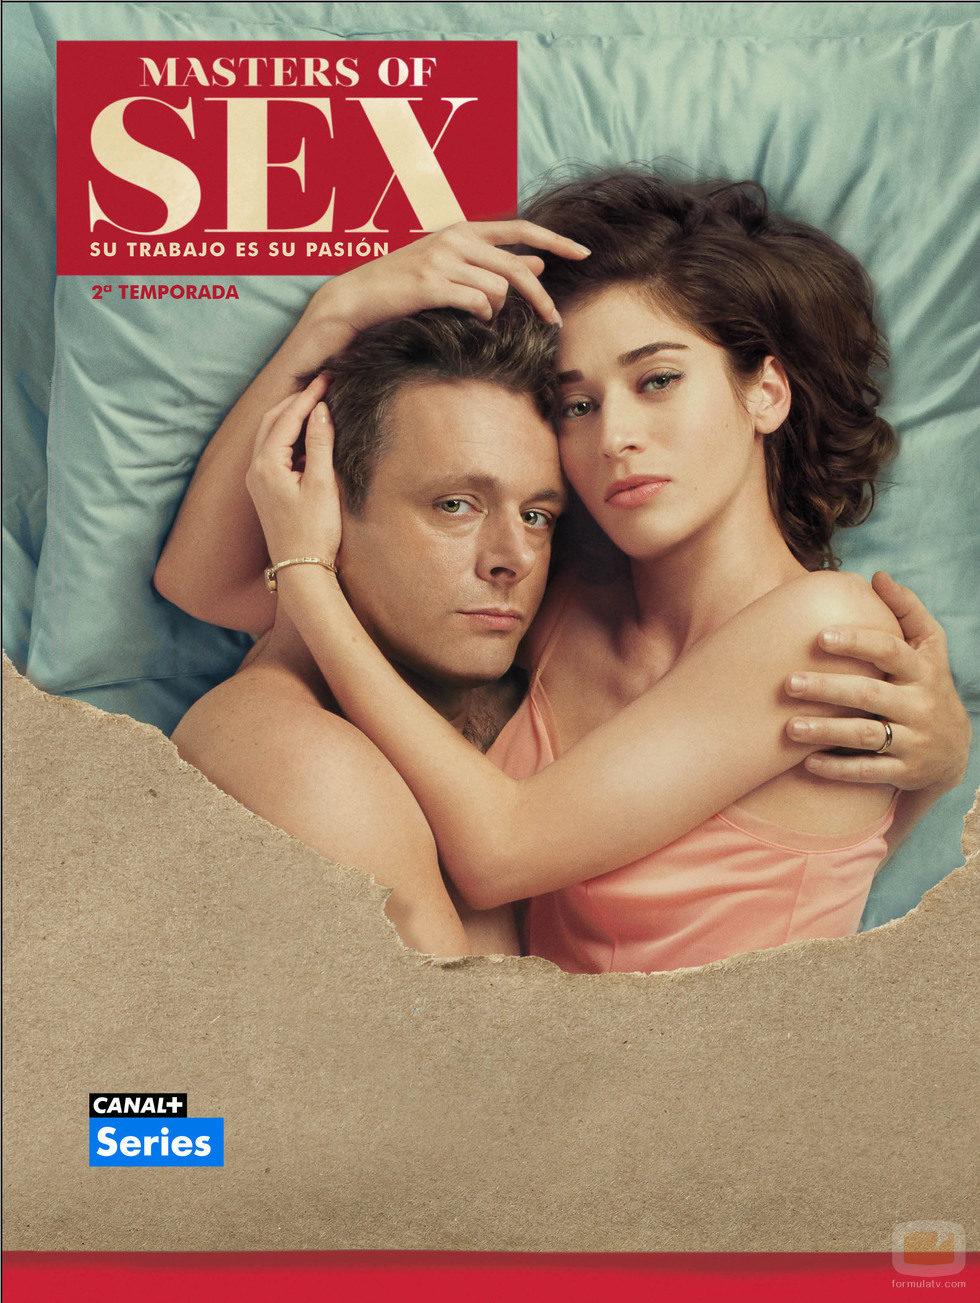 Michael Sheen y Lizzy Caplan juntos en una imagen promocional de la segunda temporada de 'Masters of Sex'